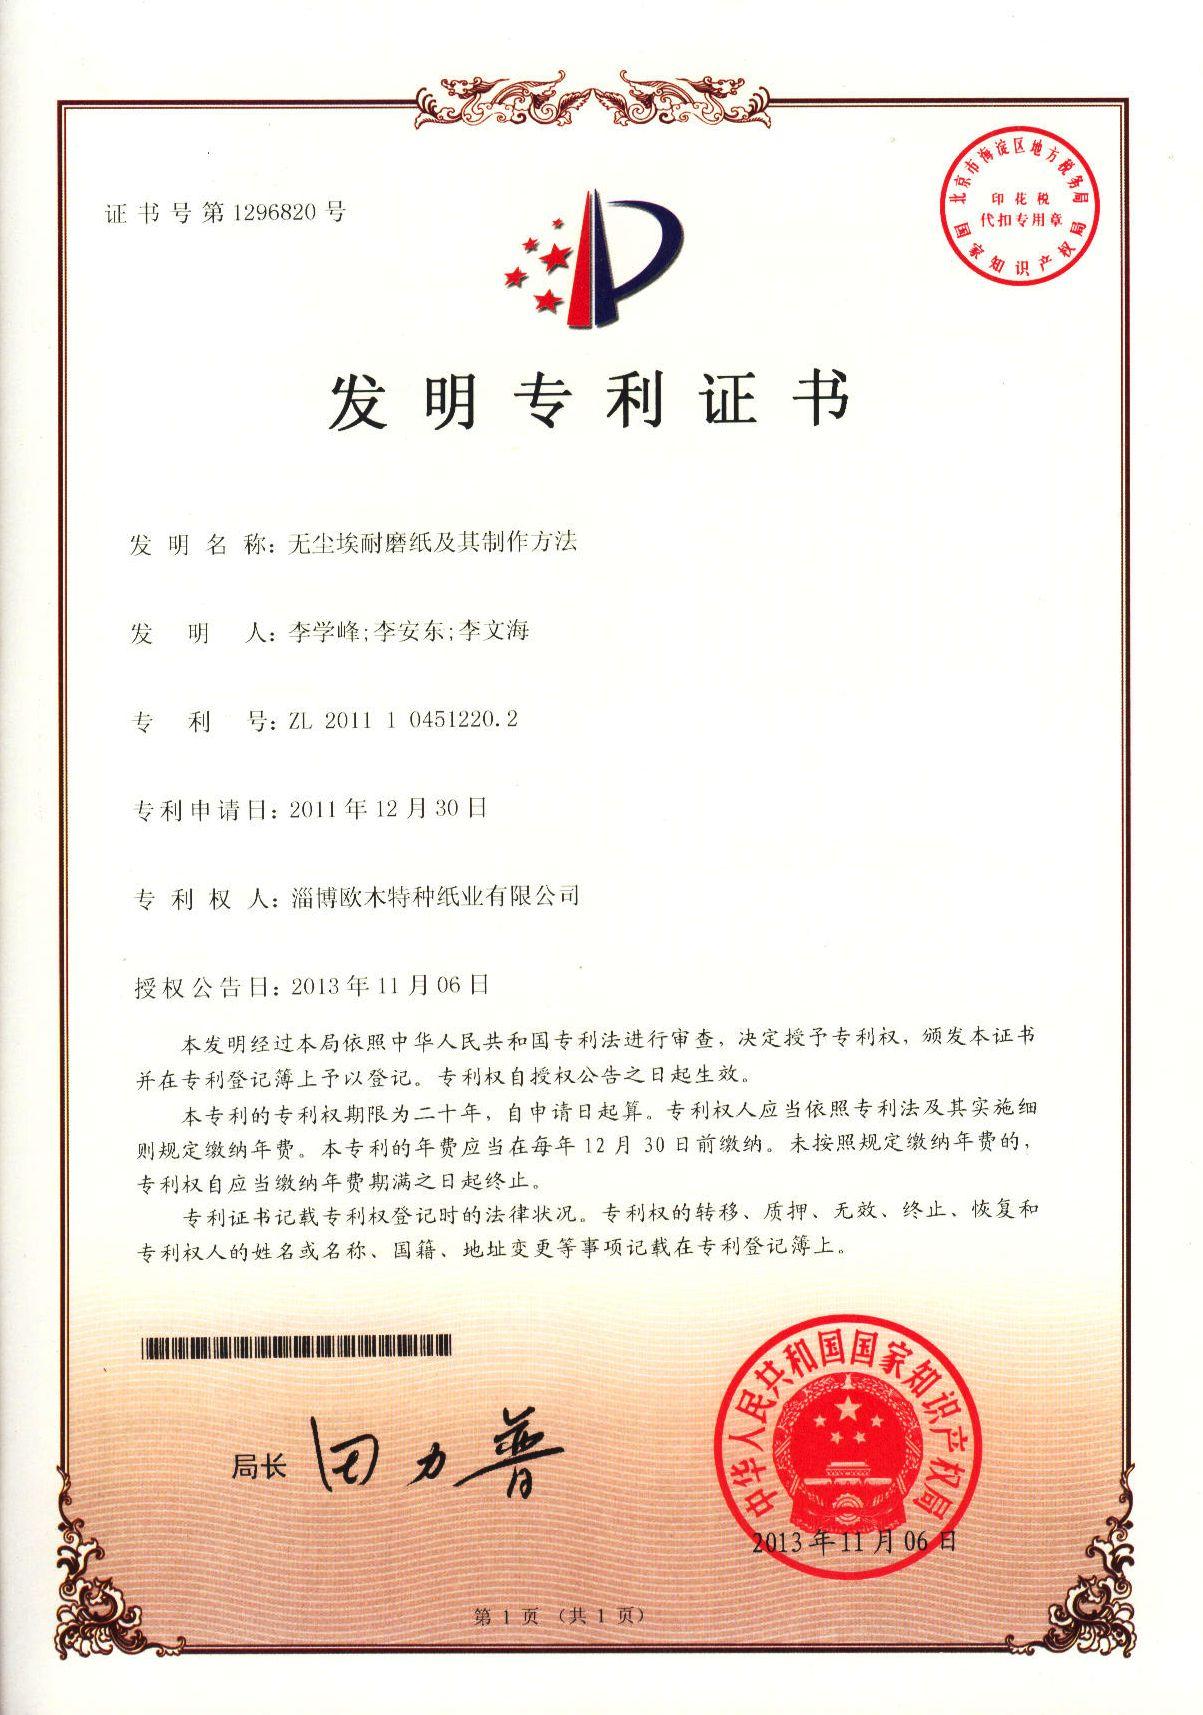 我司又获得一项国家发明专利授权